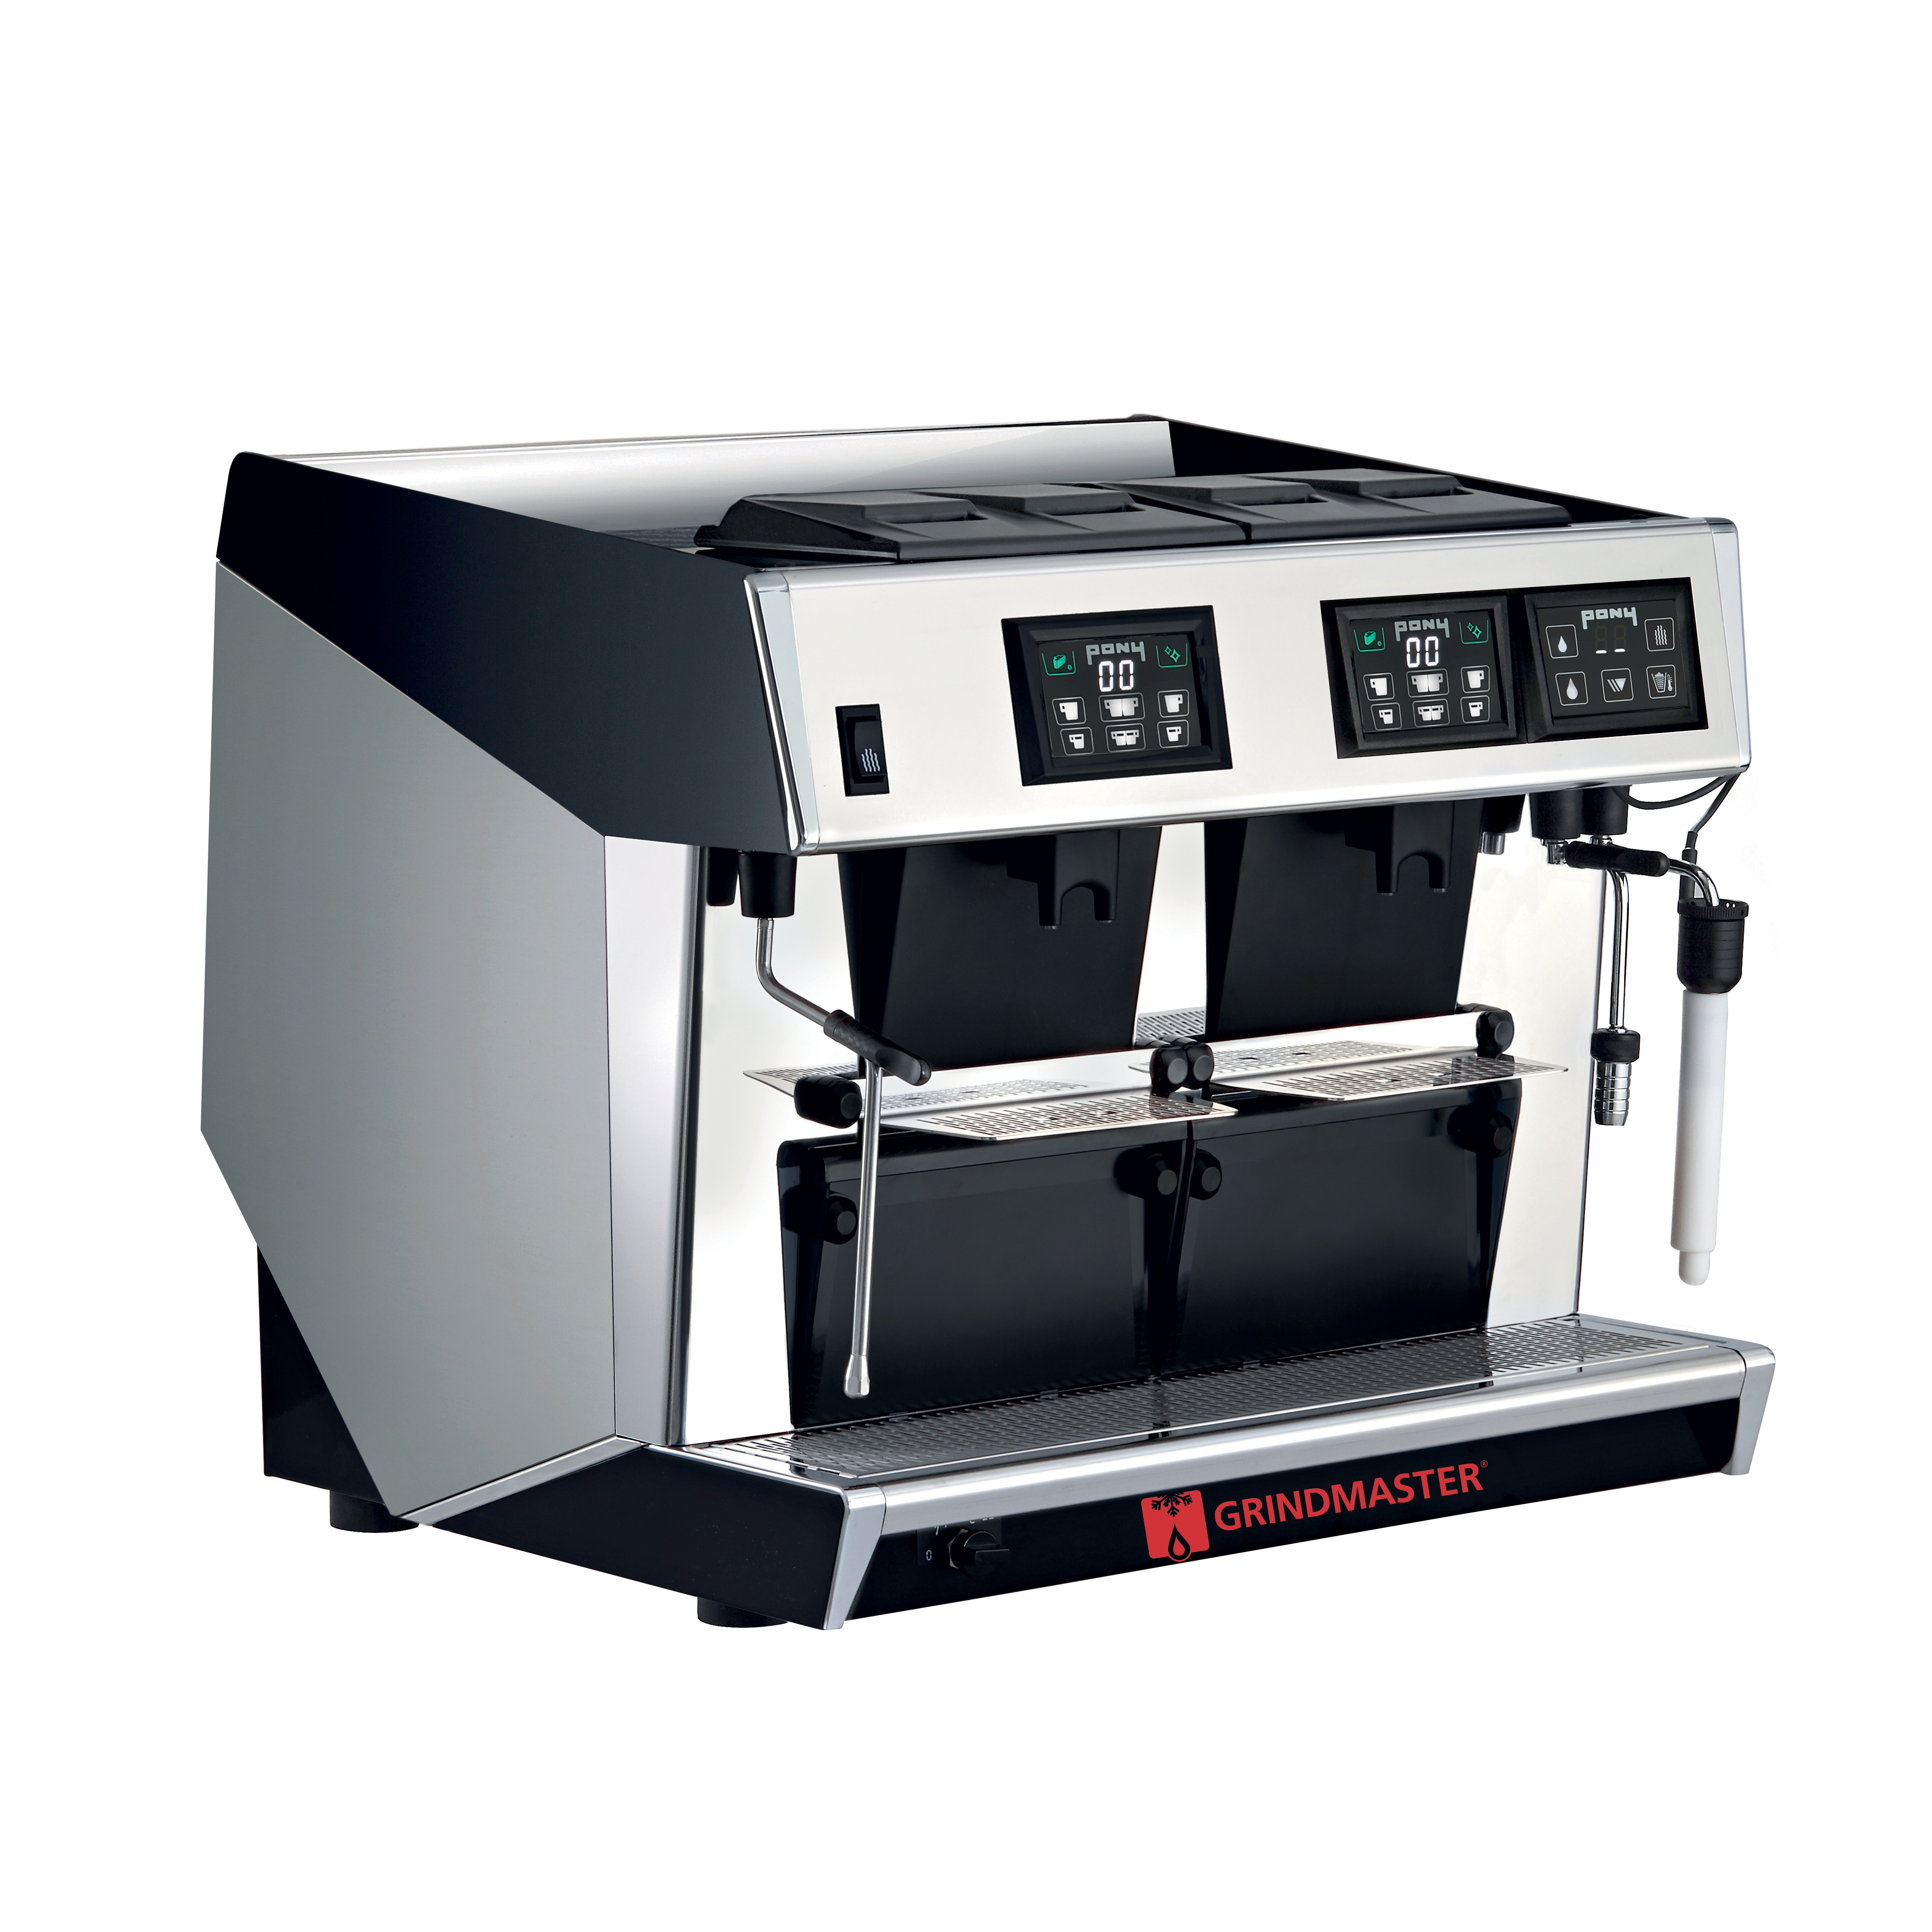 Grindmaster-Cecilware PONY 4 espresso cappuccino machine